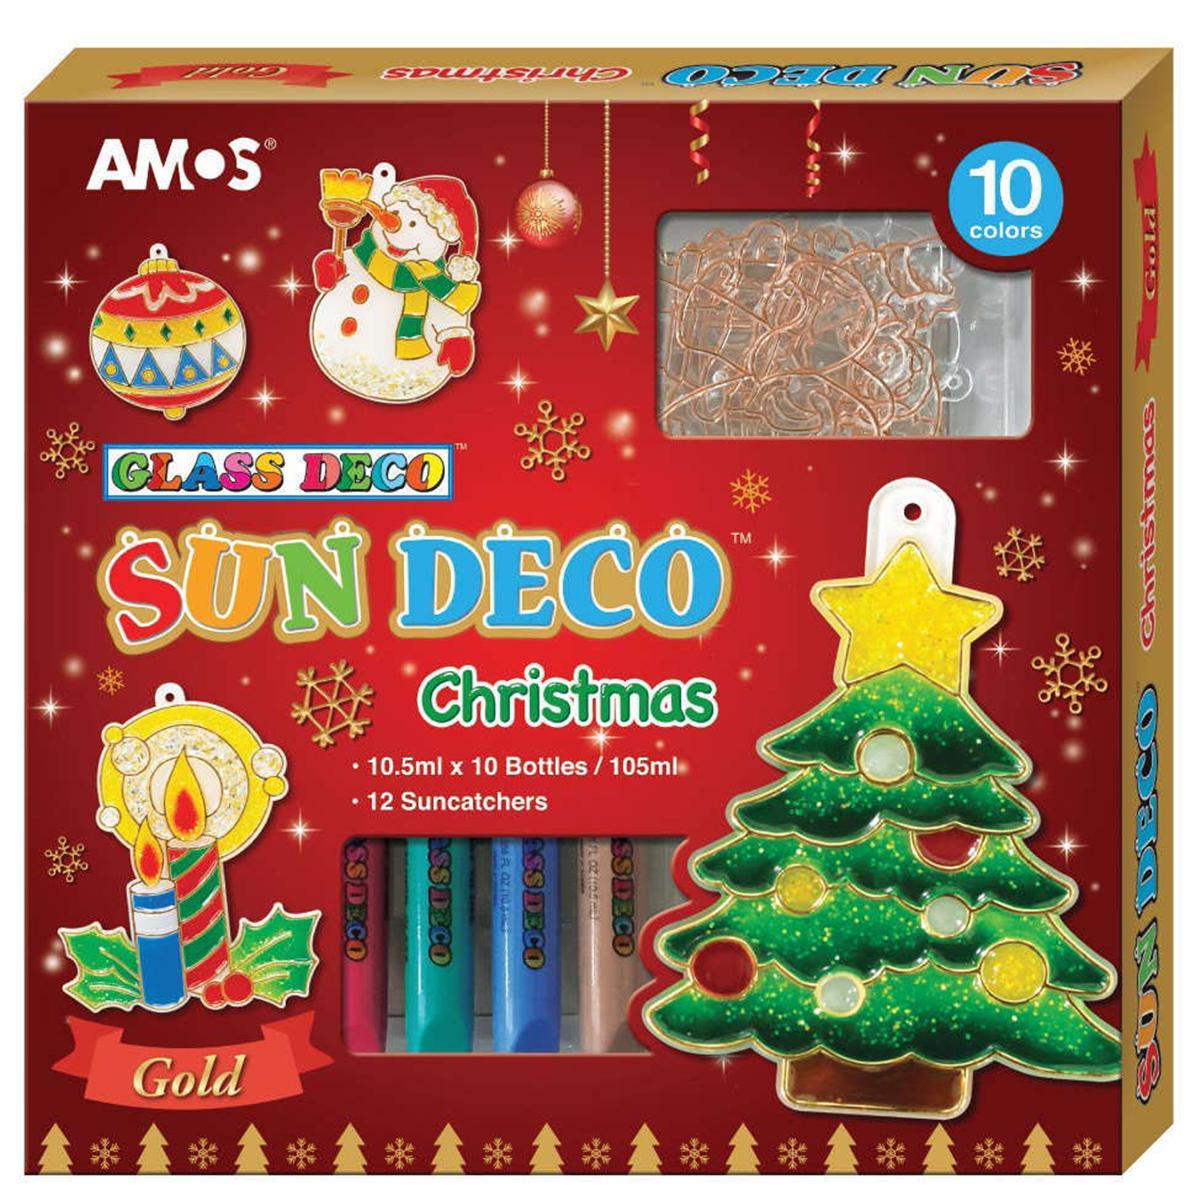 Hộp Bút Trang Trí Amos Sundeco Christmas SD10P10-CH